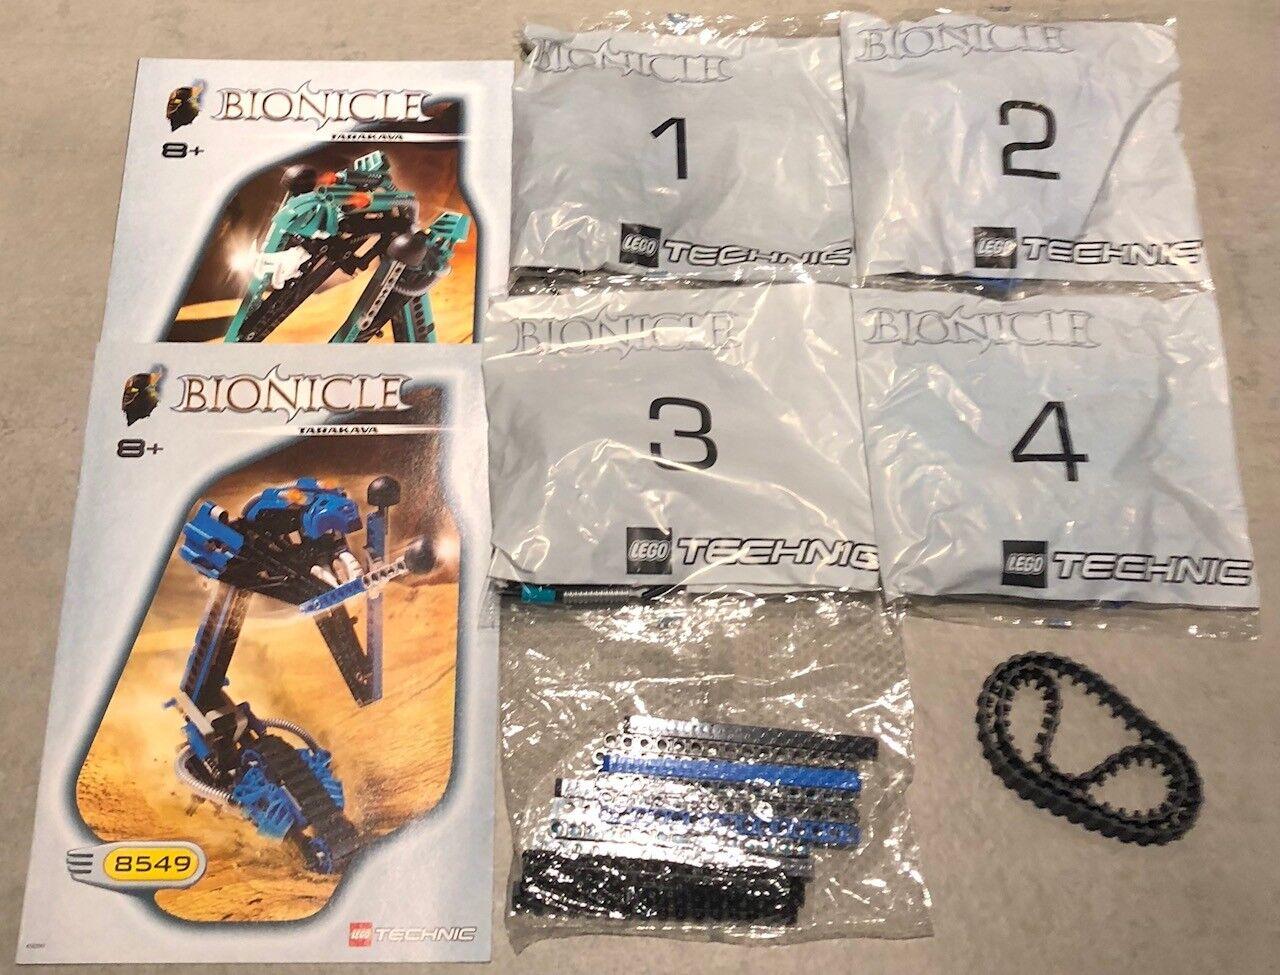 Lego Bionicle Tarakava 8549 Nuevo y Sellado desde 2001.